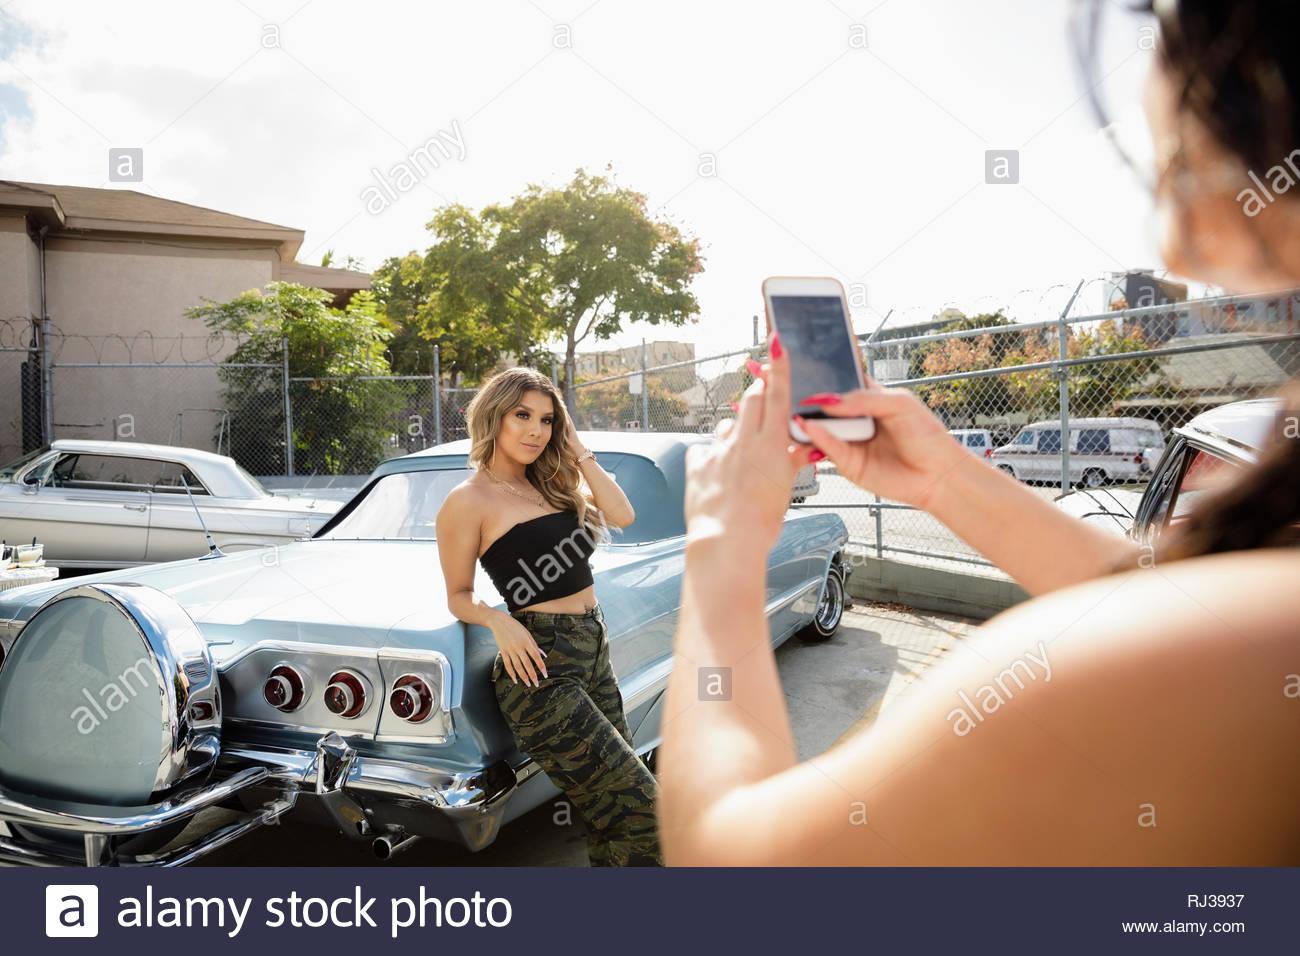 Latinx giovane donna in posa contro il pilota bassa auto d'epoca, nella soleggiata area di parcheggio Immagini Stock